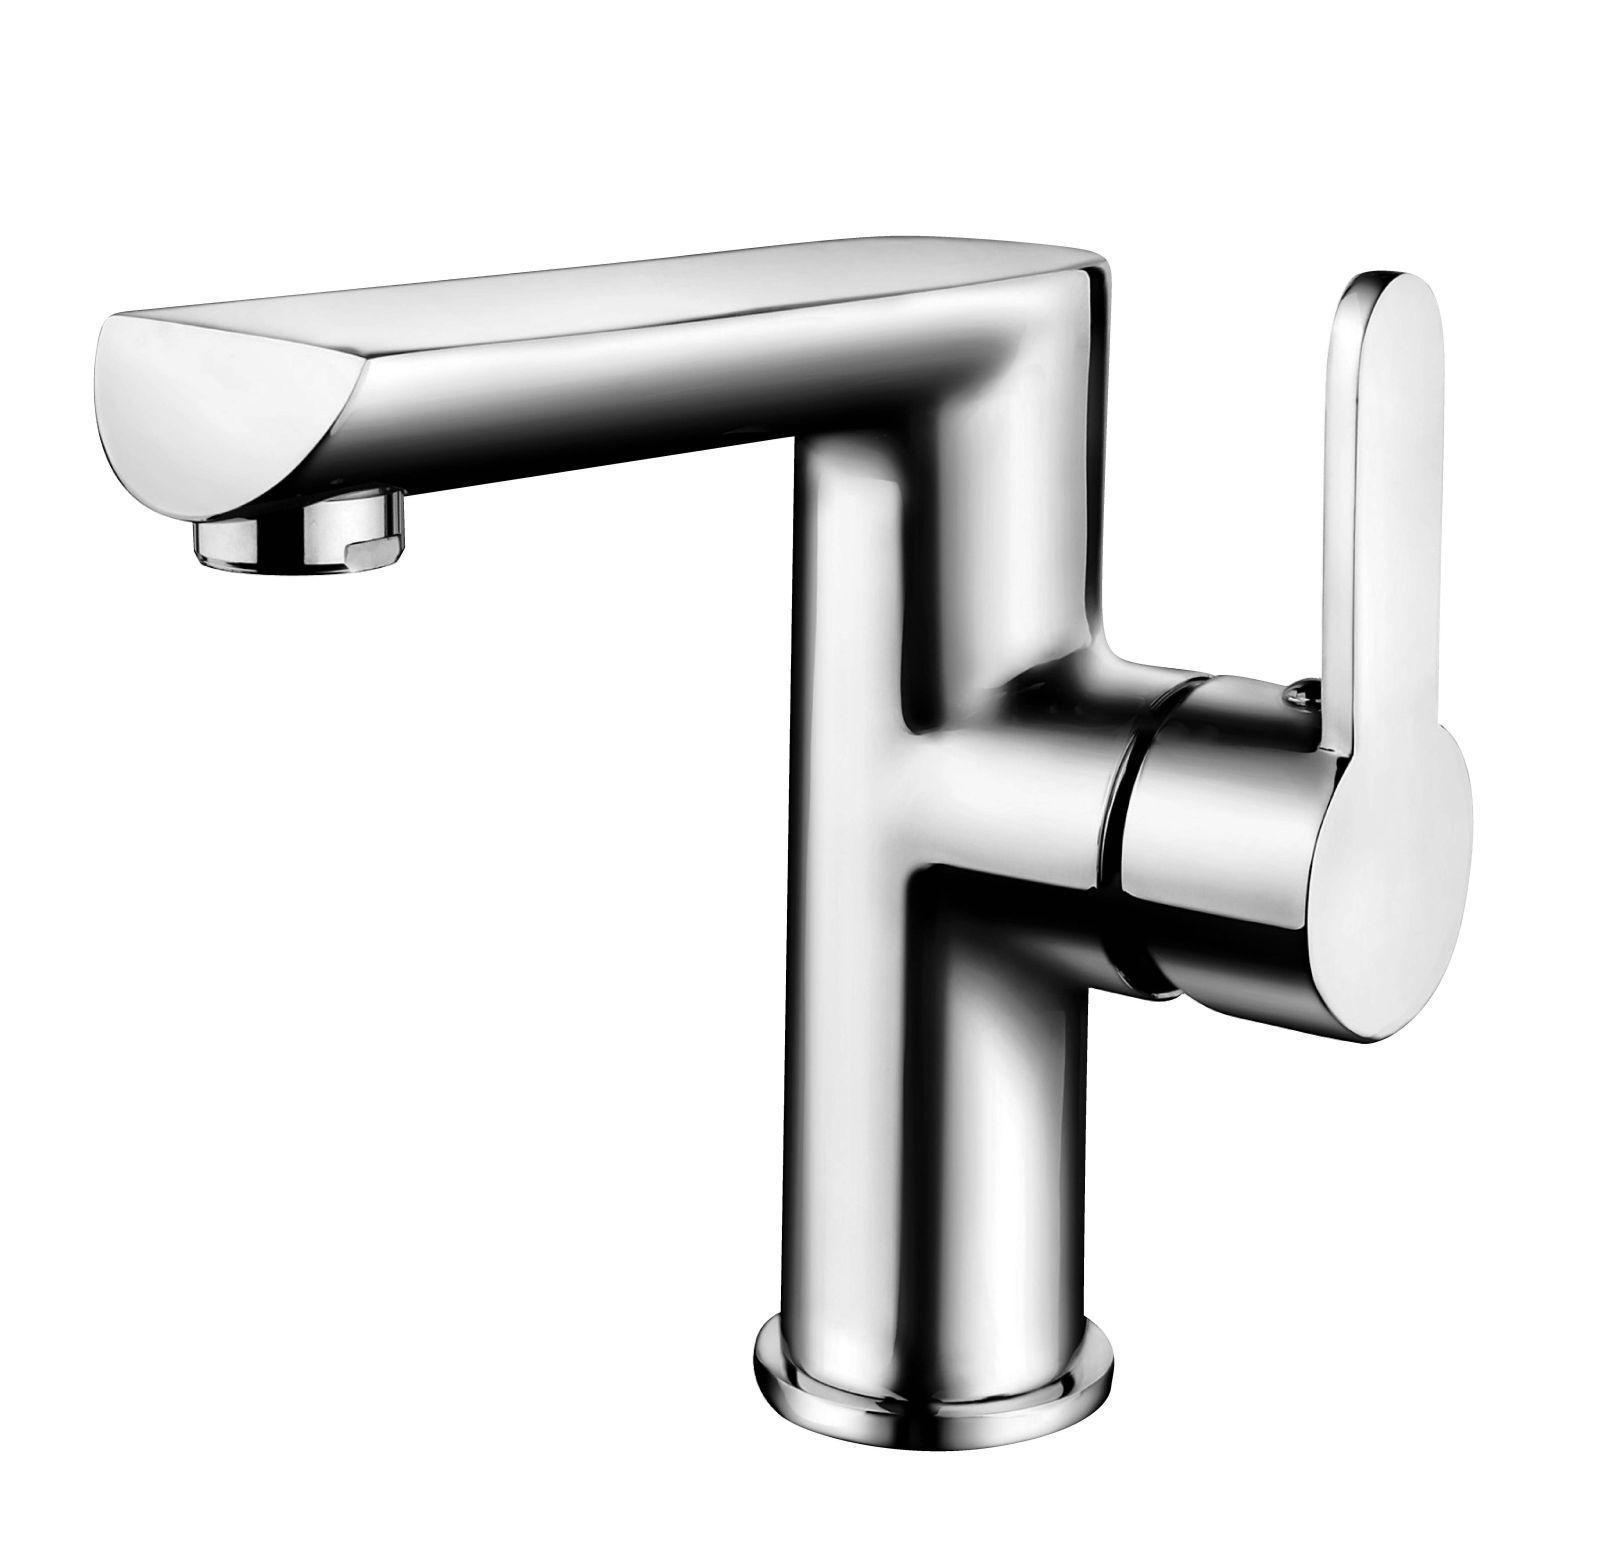 Küchen Badarmatur Wasserhahn Mischbatterie Einhand-/Einhebelmischer ...